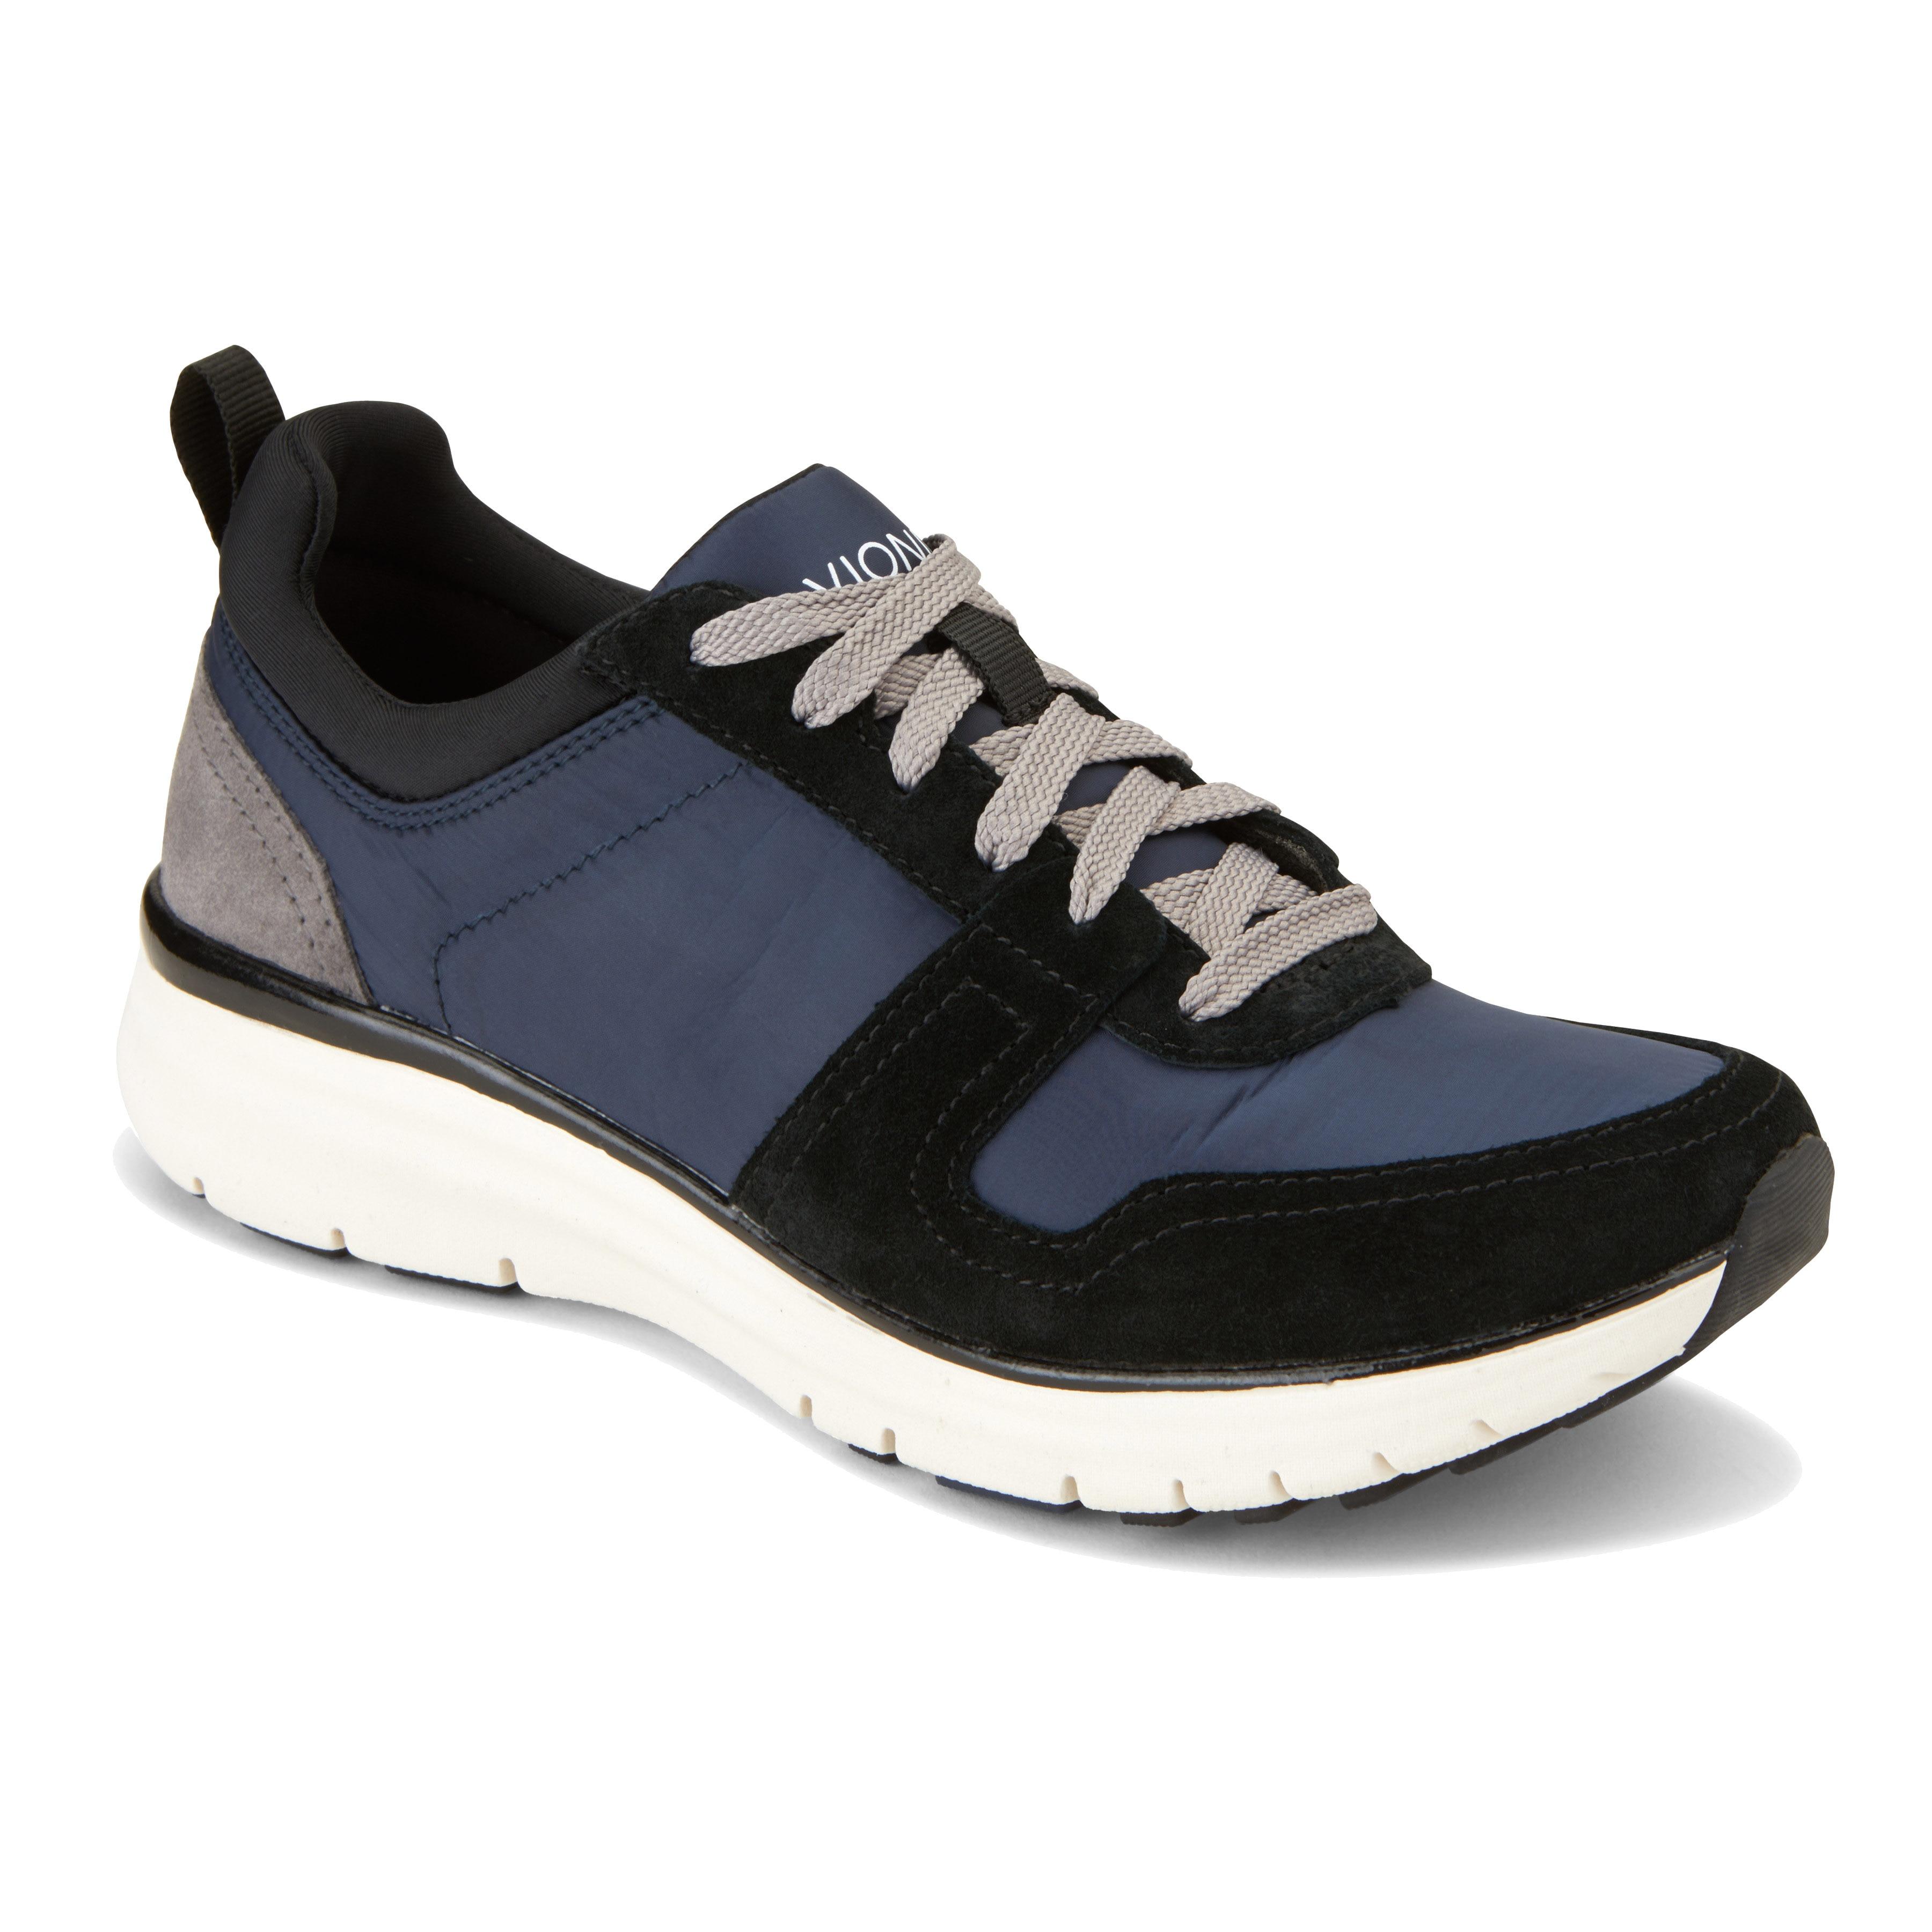 Walker Shoes9 Vionic 5 Women's Classic HDWEIY92